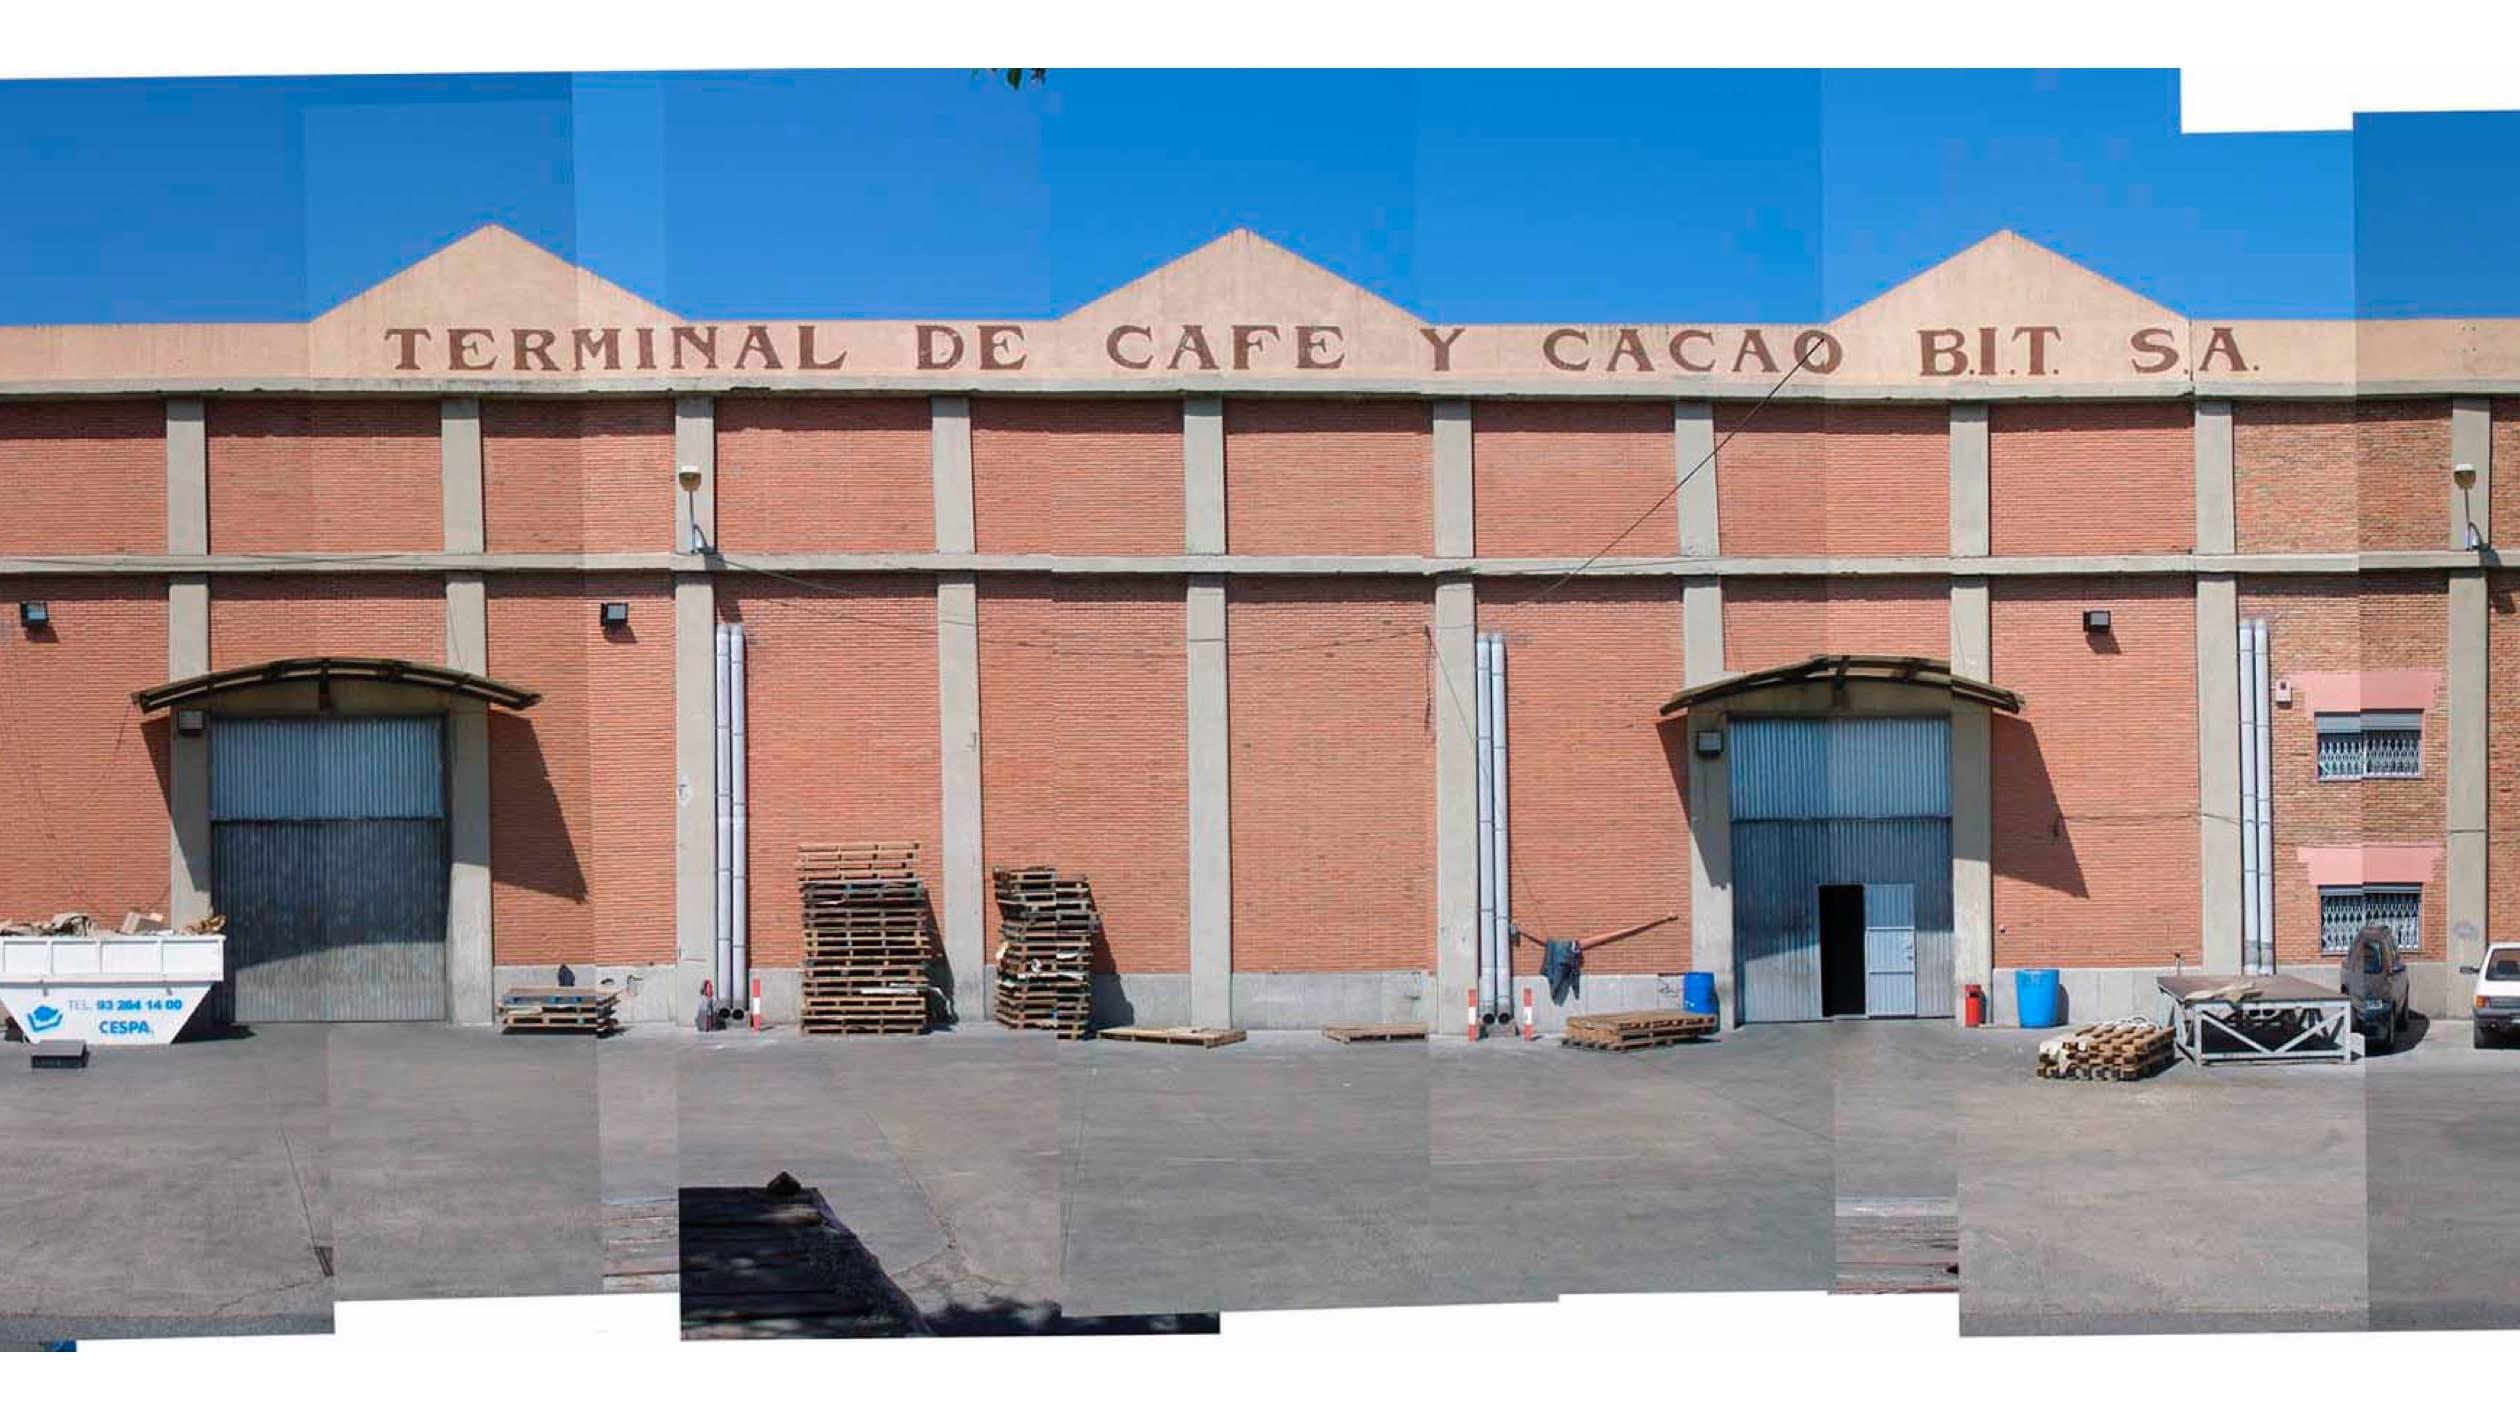 Terminal Internacional de café y cacao